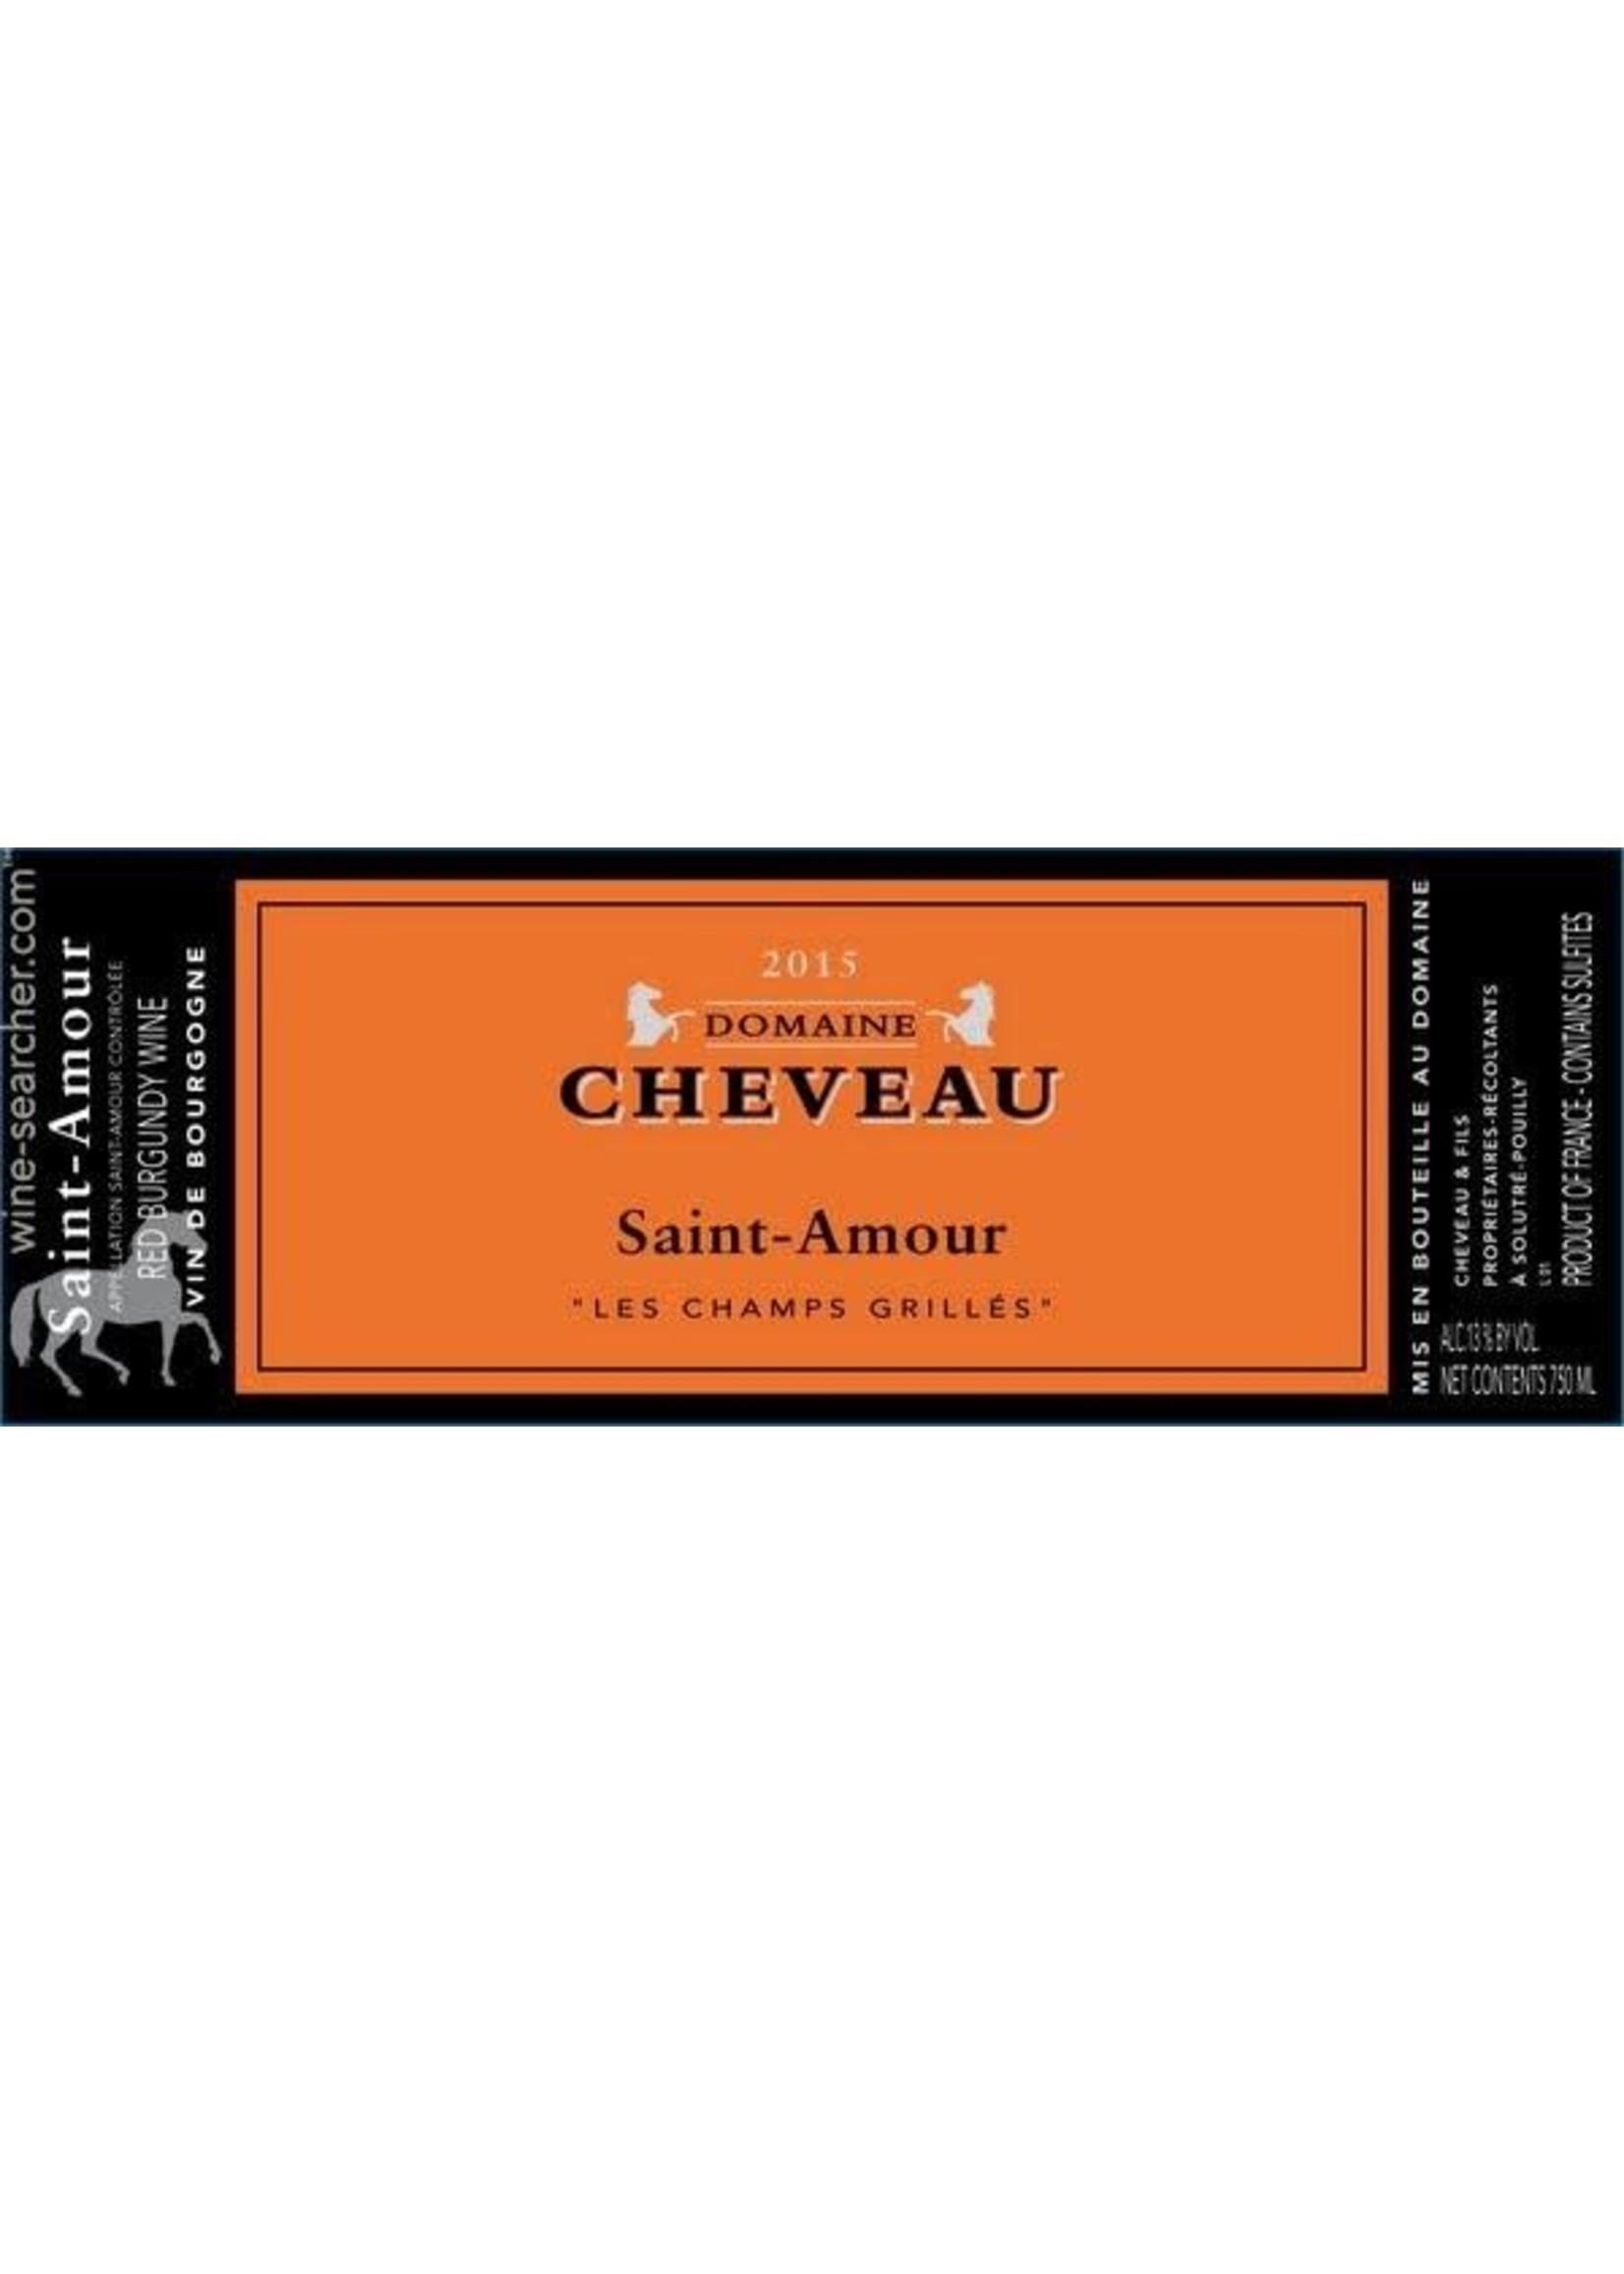 Domaine Cheveau Domaine Cheveau / Saint Amour Beaujolais / Les Champs Grilles 2016 / 750mL